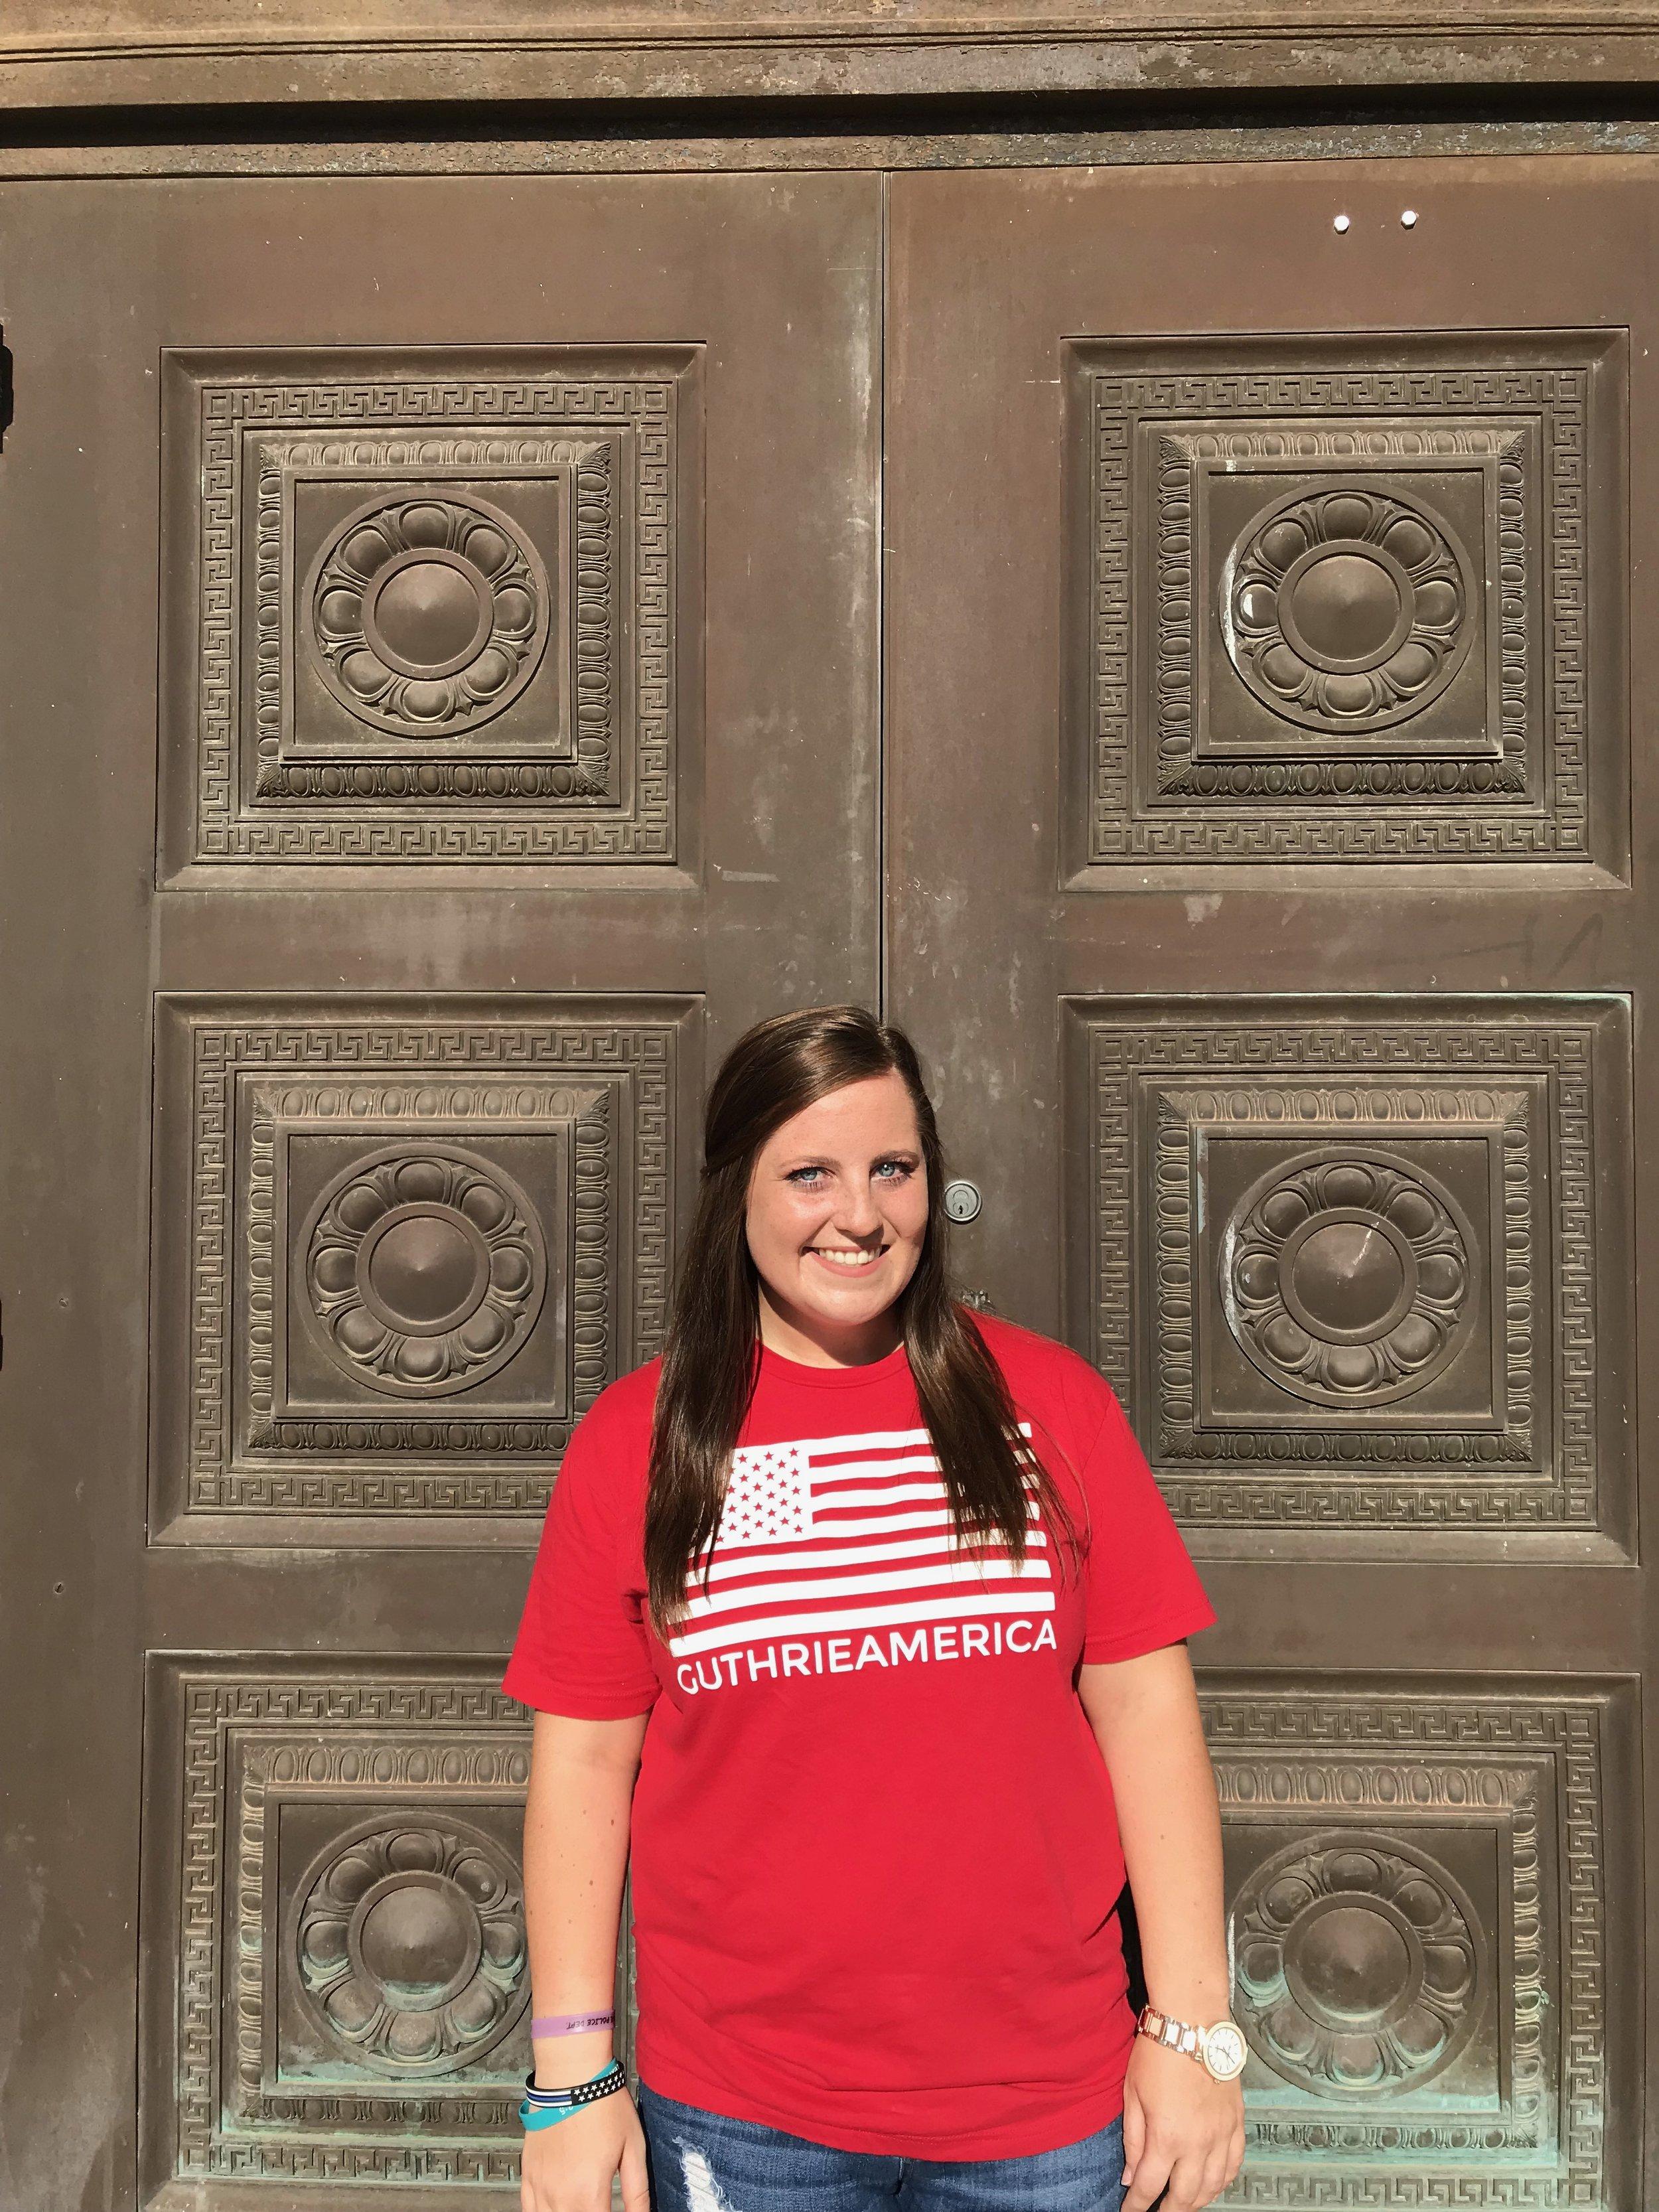 mollie Swartzbaugh at temple in guthrie in a guthrie america tee.jpg